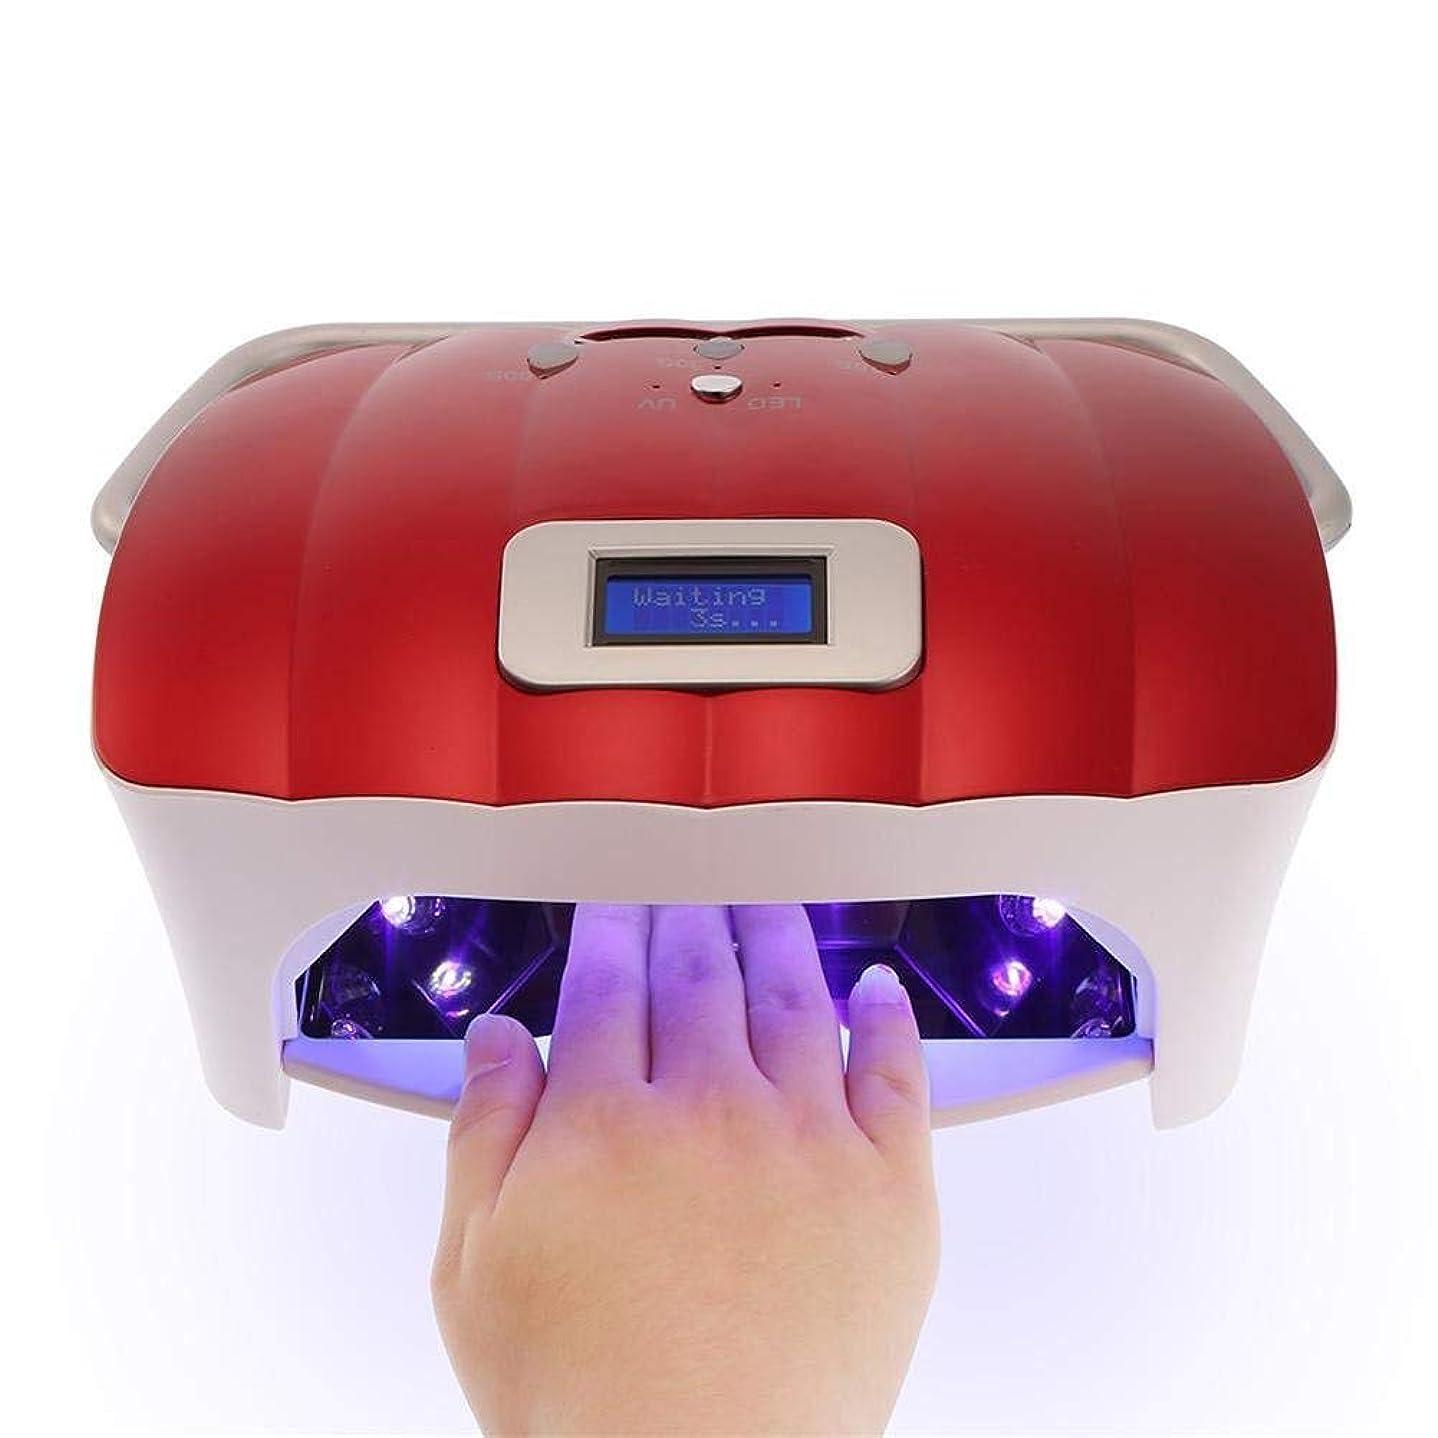 54ワットled uvネイルランプネイルドライヤーライト機でhandprpr professionalプロフェッショナル指爪&toenail uvジェル硬化ネイルマニキュアツール